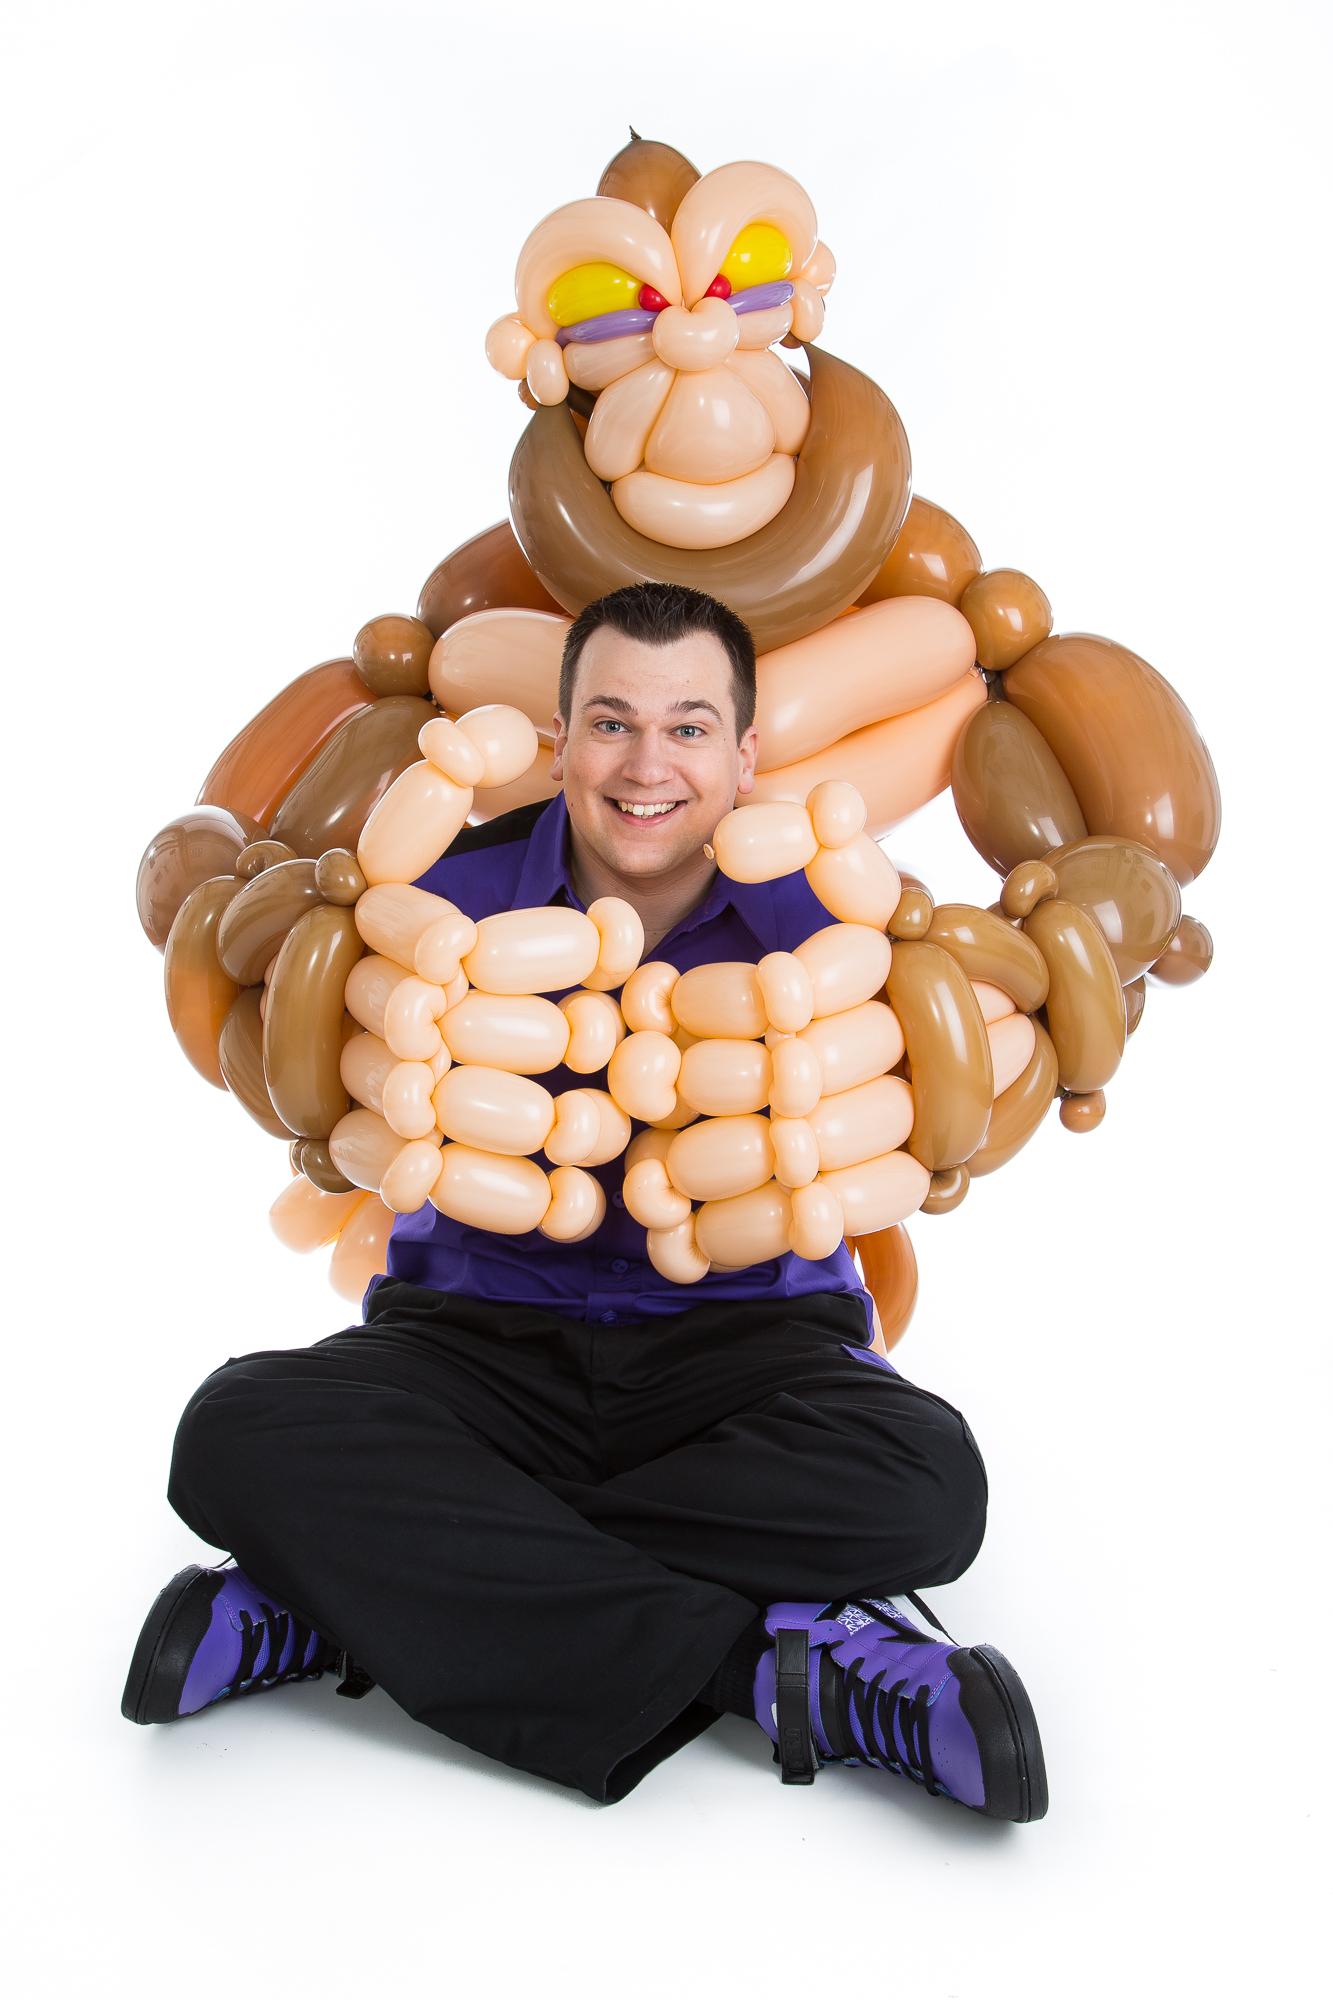 Wayne Wonder Balloon Artist Wonder Kids